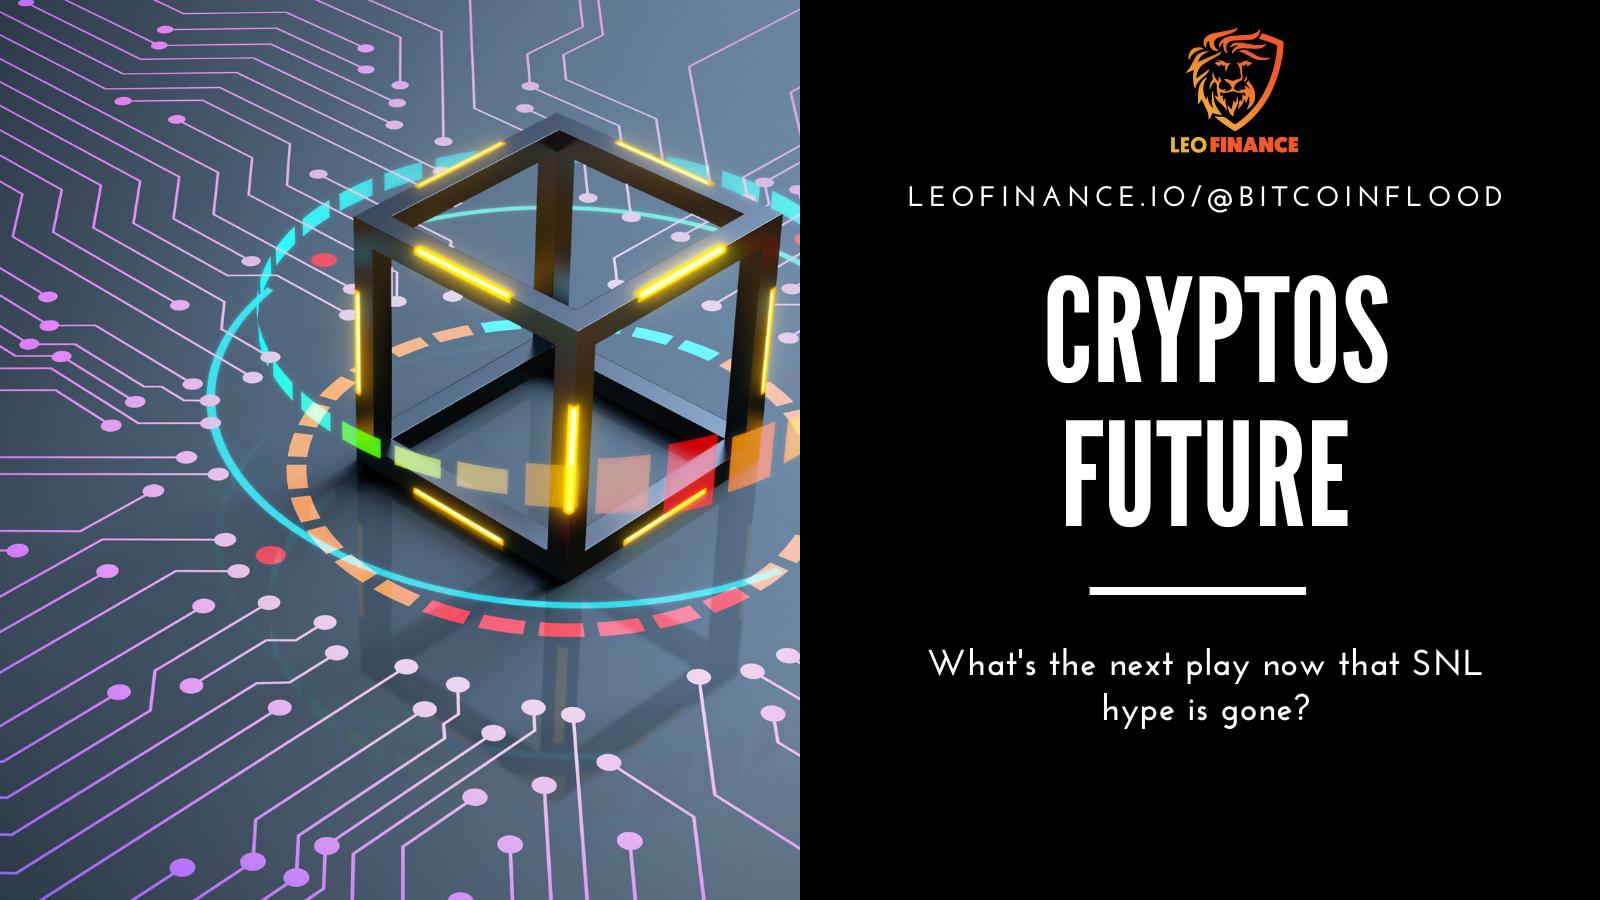 cryptosfuture.png